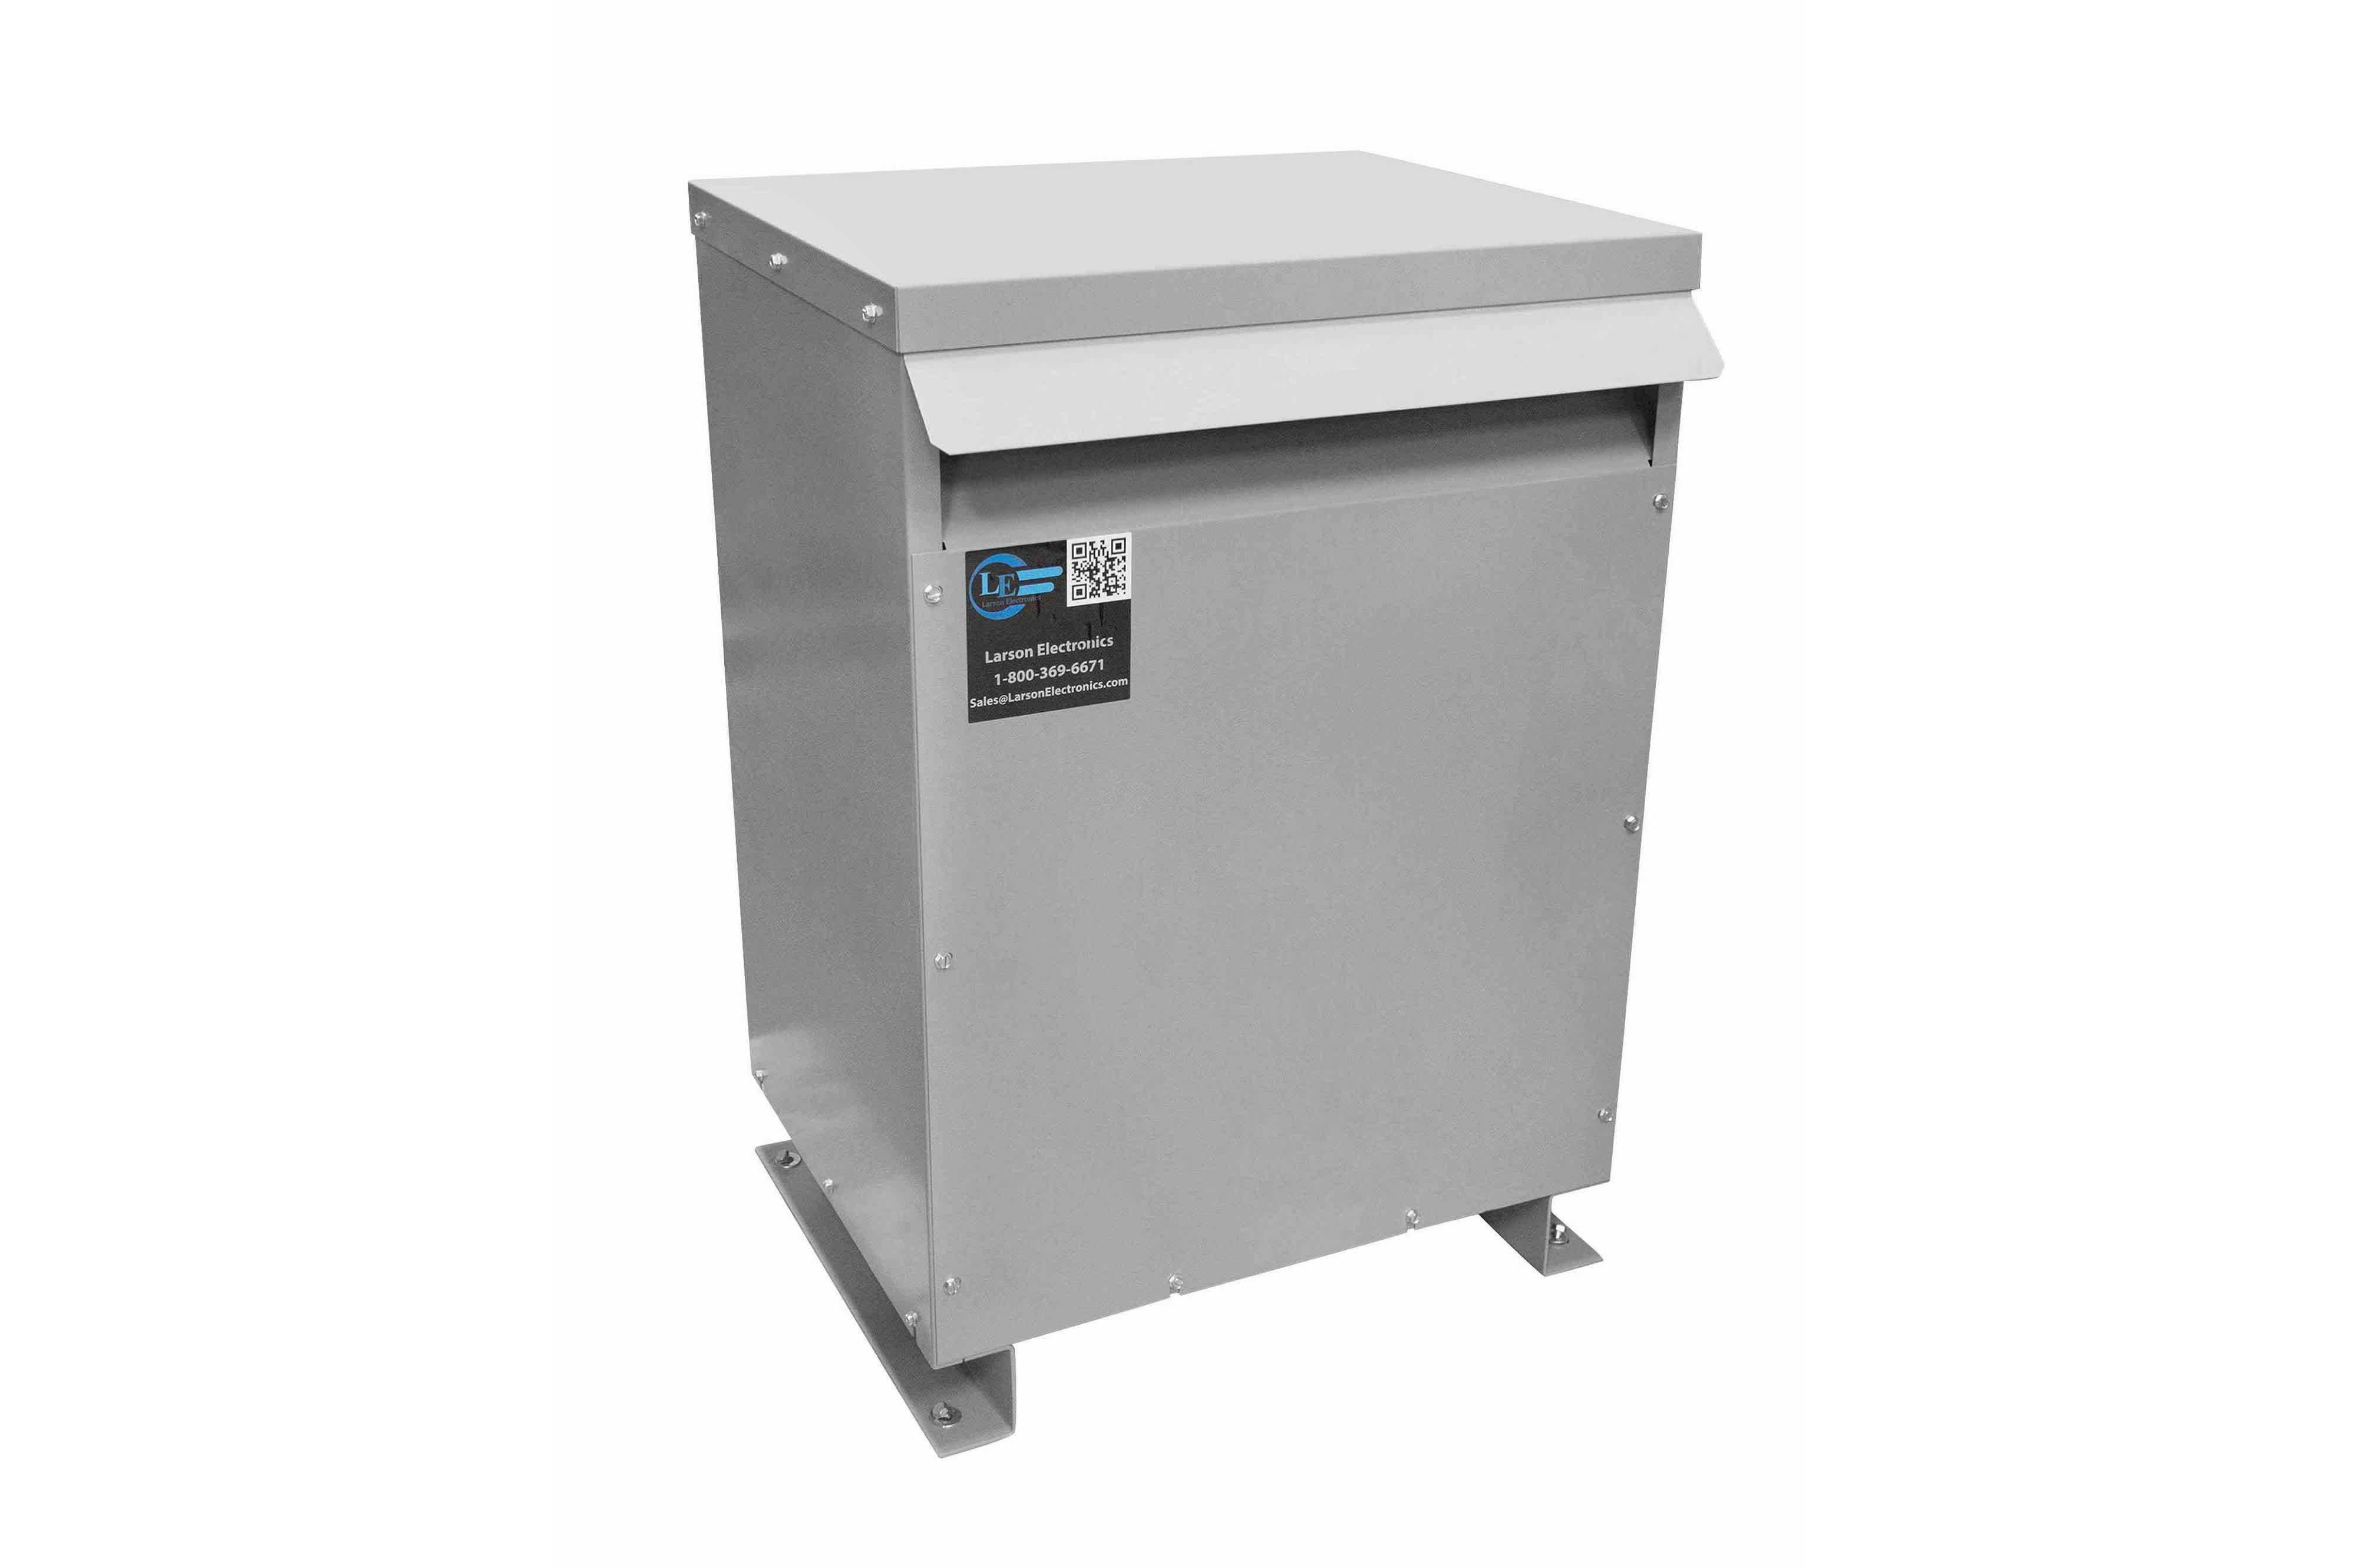 100 kVA 3PH Isolation Transformer, 460V Delta Primary, 240 Delta Secondary, N3R, Ventilated, 60 Hz